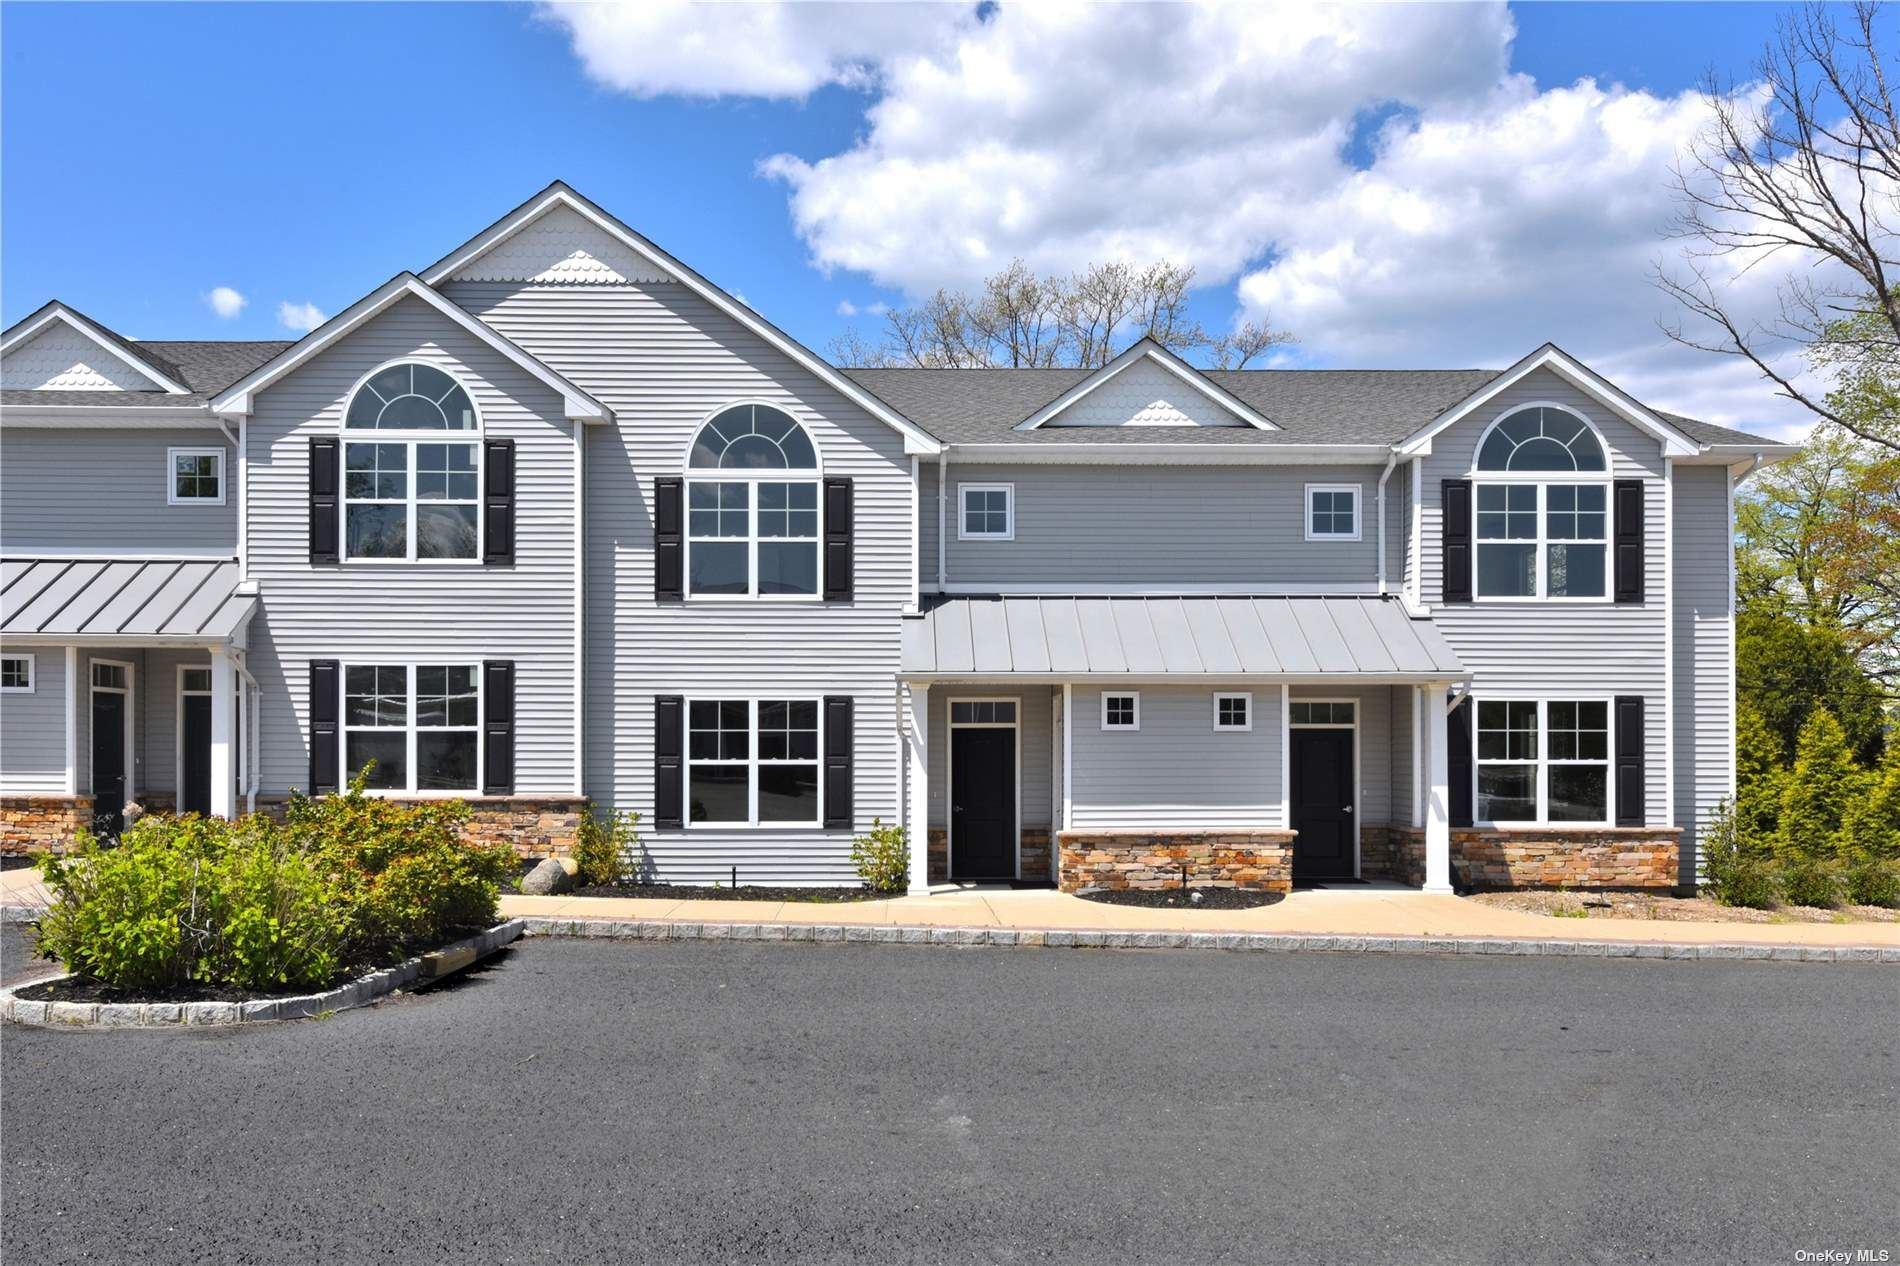 502 Breton Way, Glen Cove, NY 11542 - MLS#: 3294643